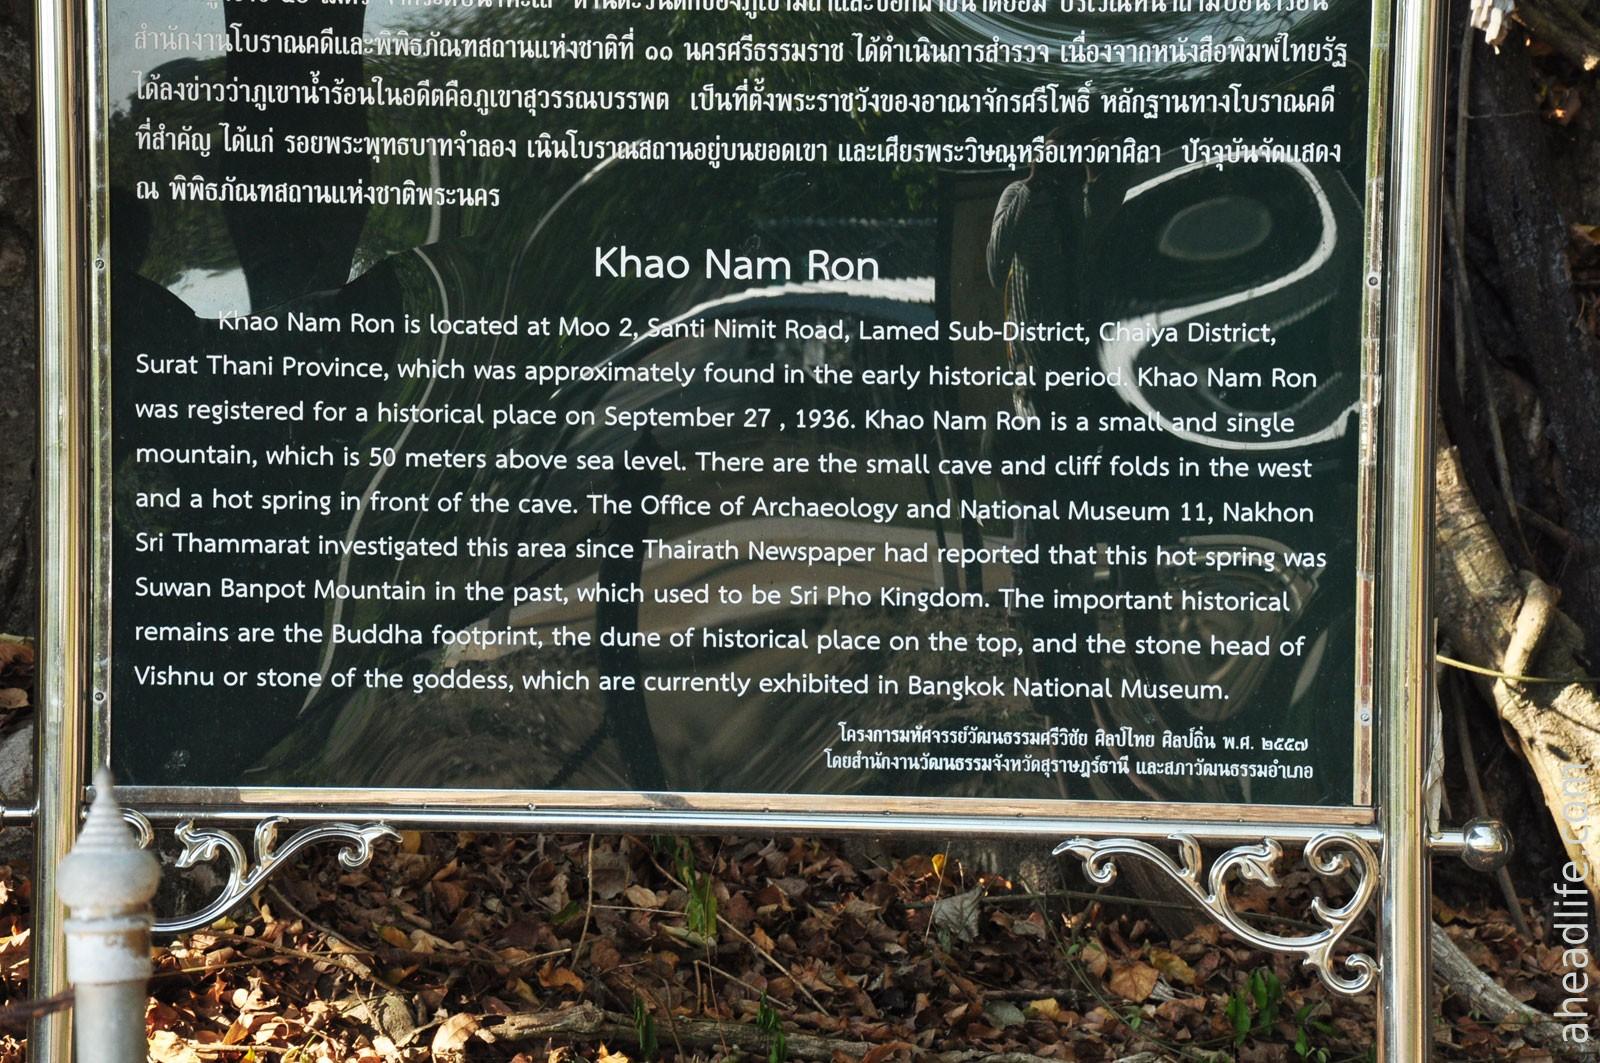 Khao Nam Ron